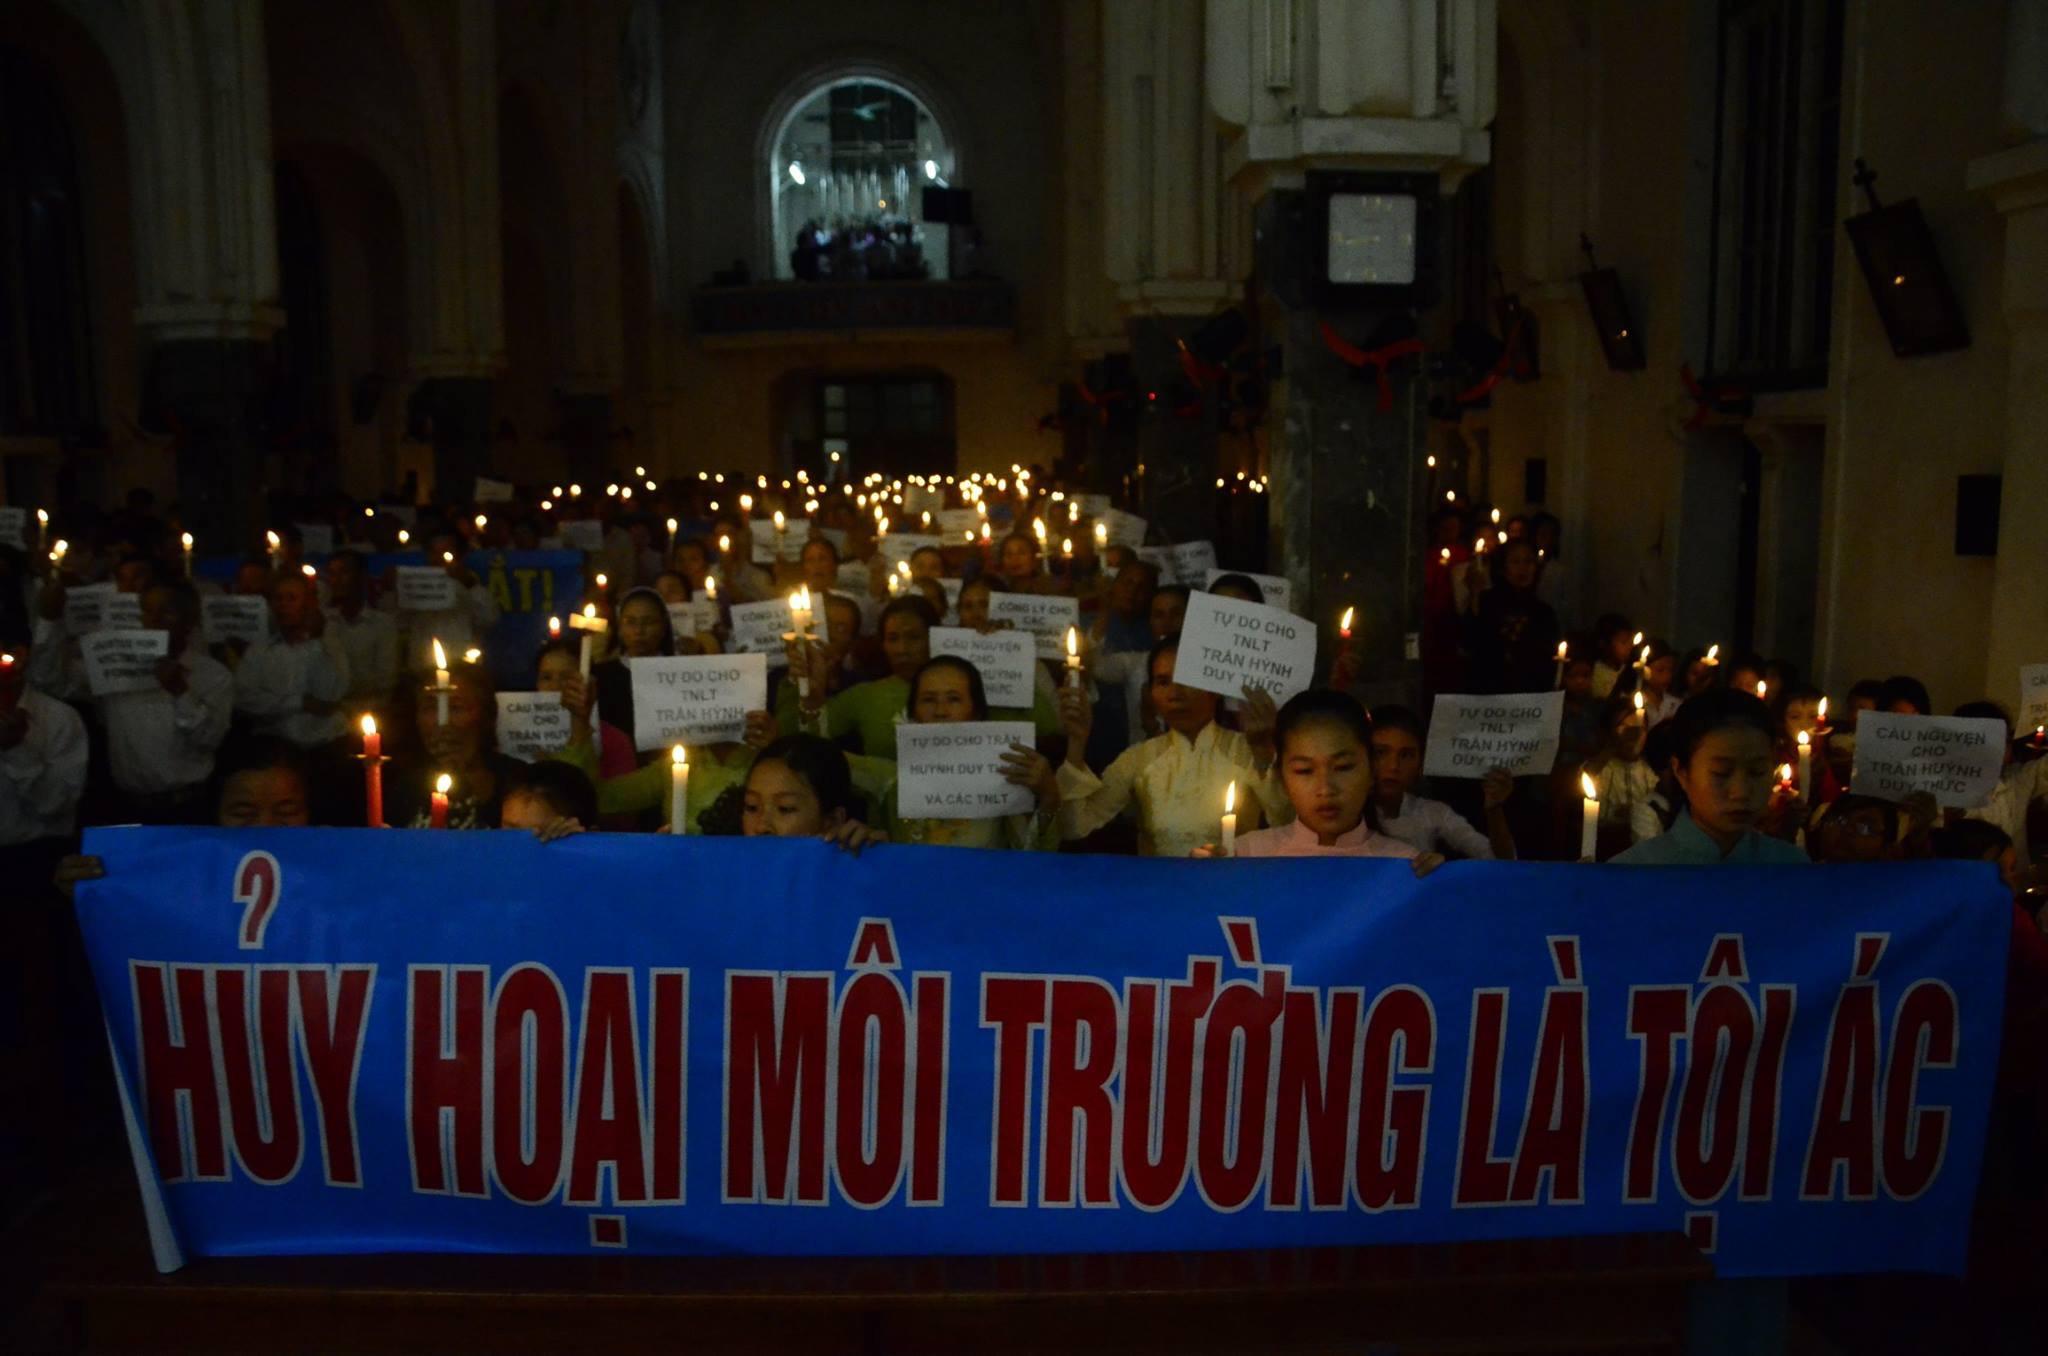 Giáo xứ Phú Yên dâng Thánh lễ cầu nguyện cho các tù nhân lương tâm Việt Nam